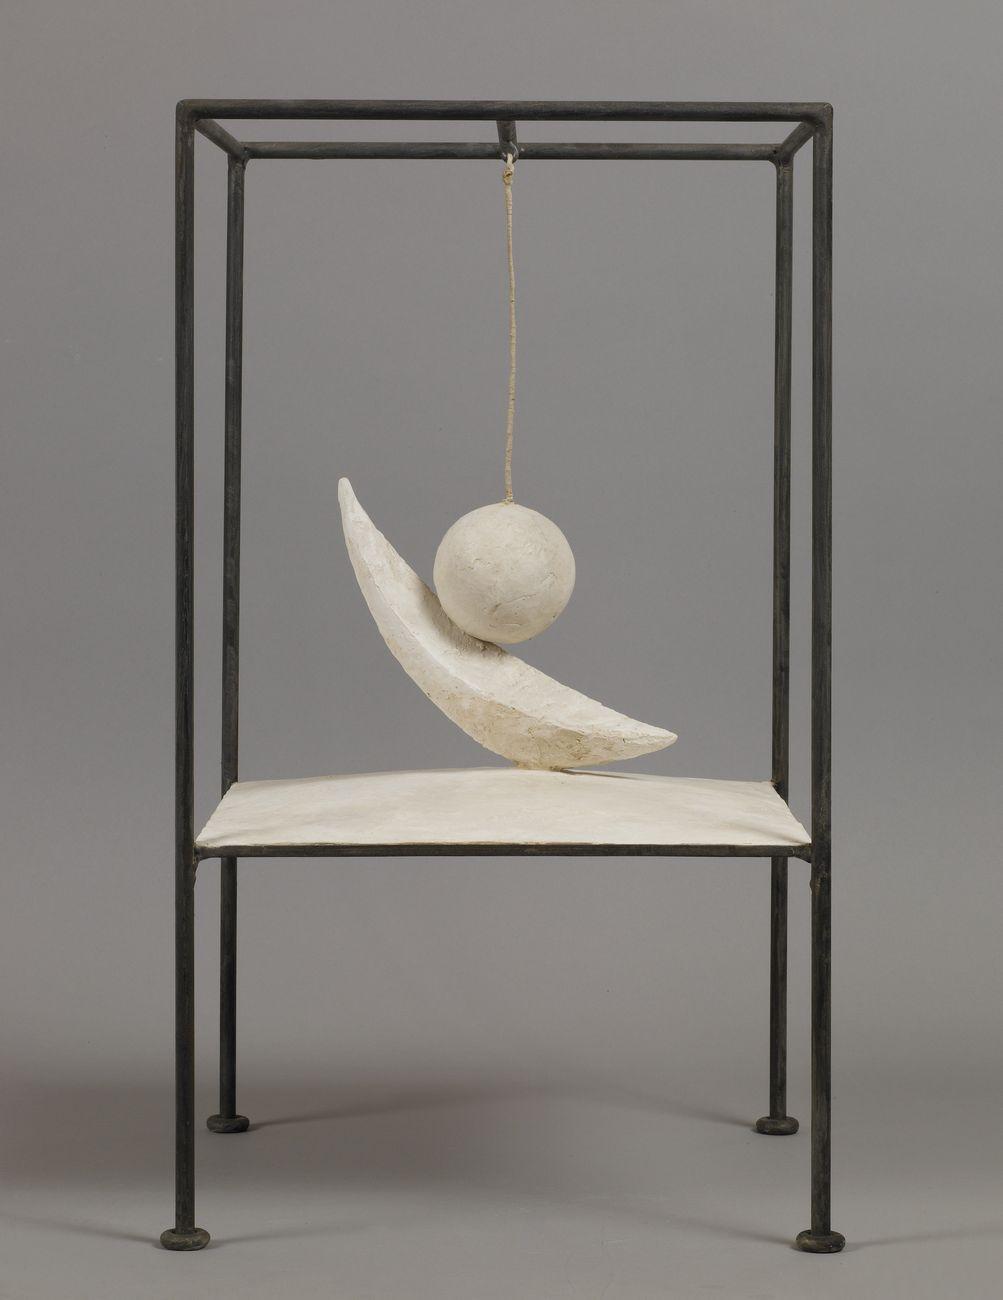 Alberto Giacometti, Boule suspendue, 1930 31 (versione del 1965). Fondation Giacometti, Paris © Succession Alberto Giacometti VEGAP, Bilbao 2018